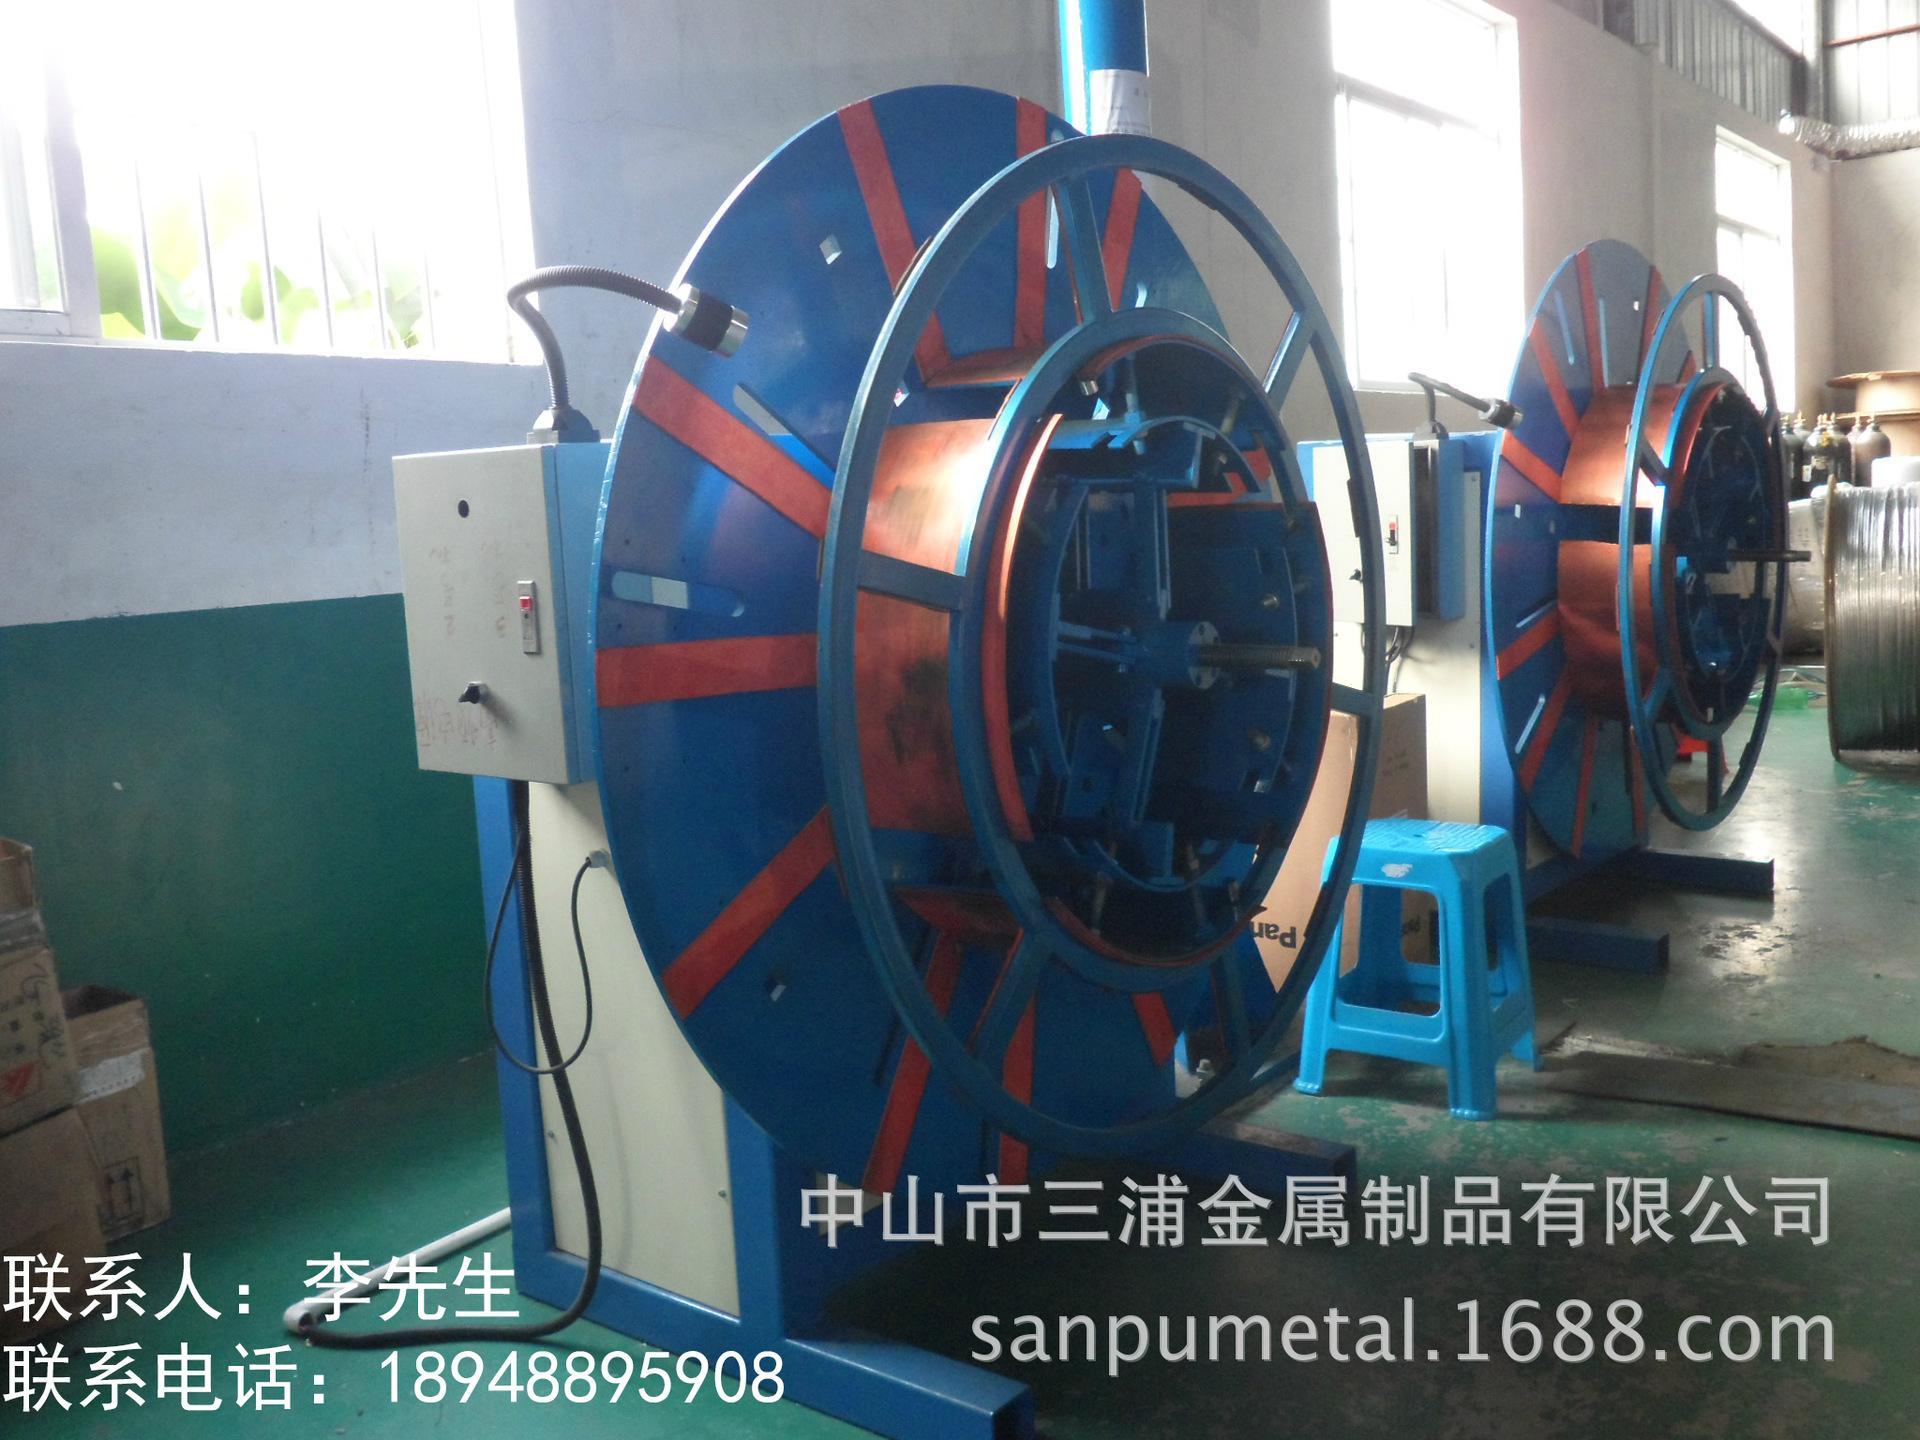 供應不鏽鋼盤管收卷機 值得信賴 中山三浦金屬制品公司  2